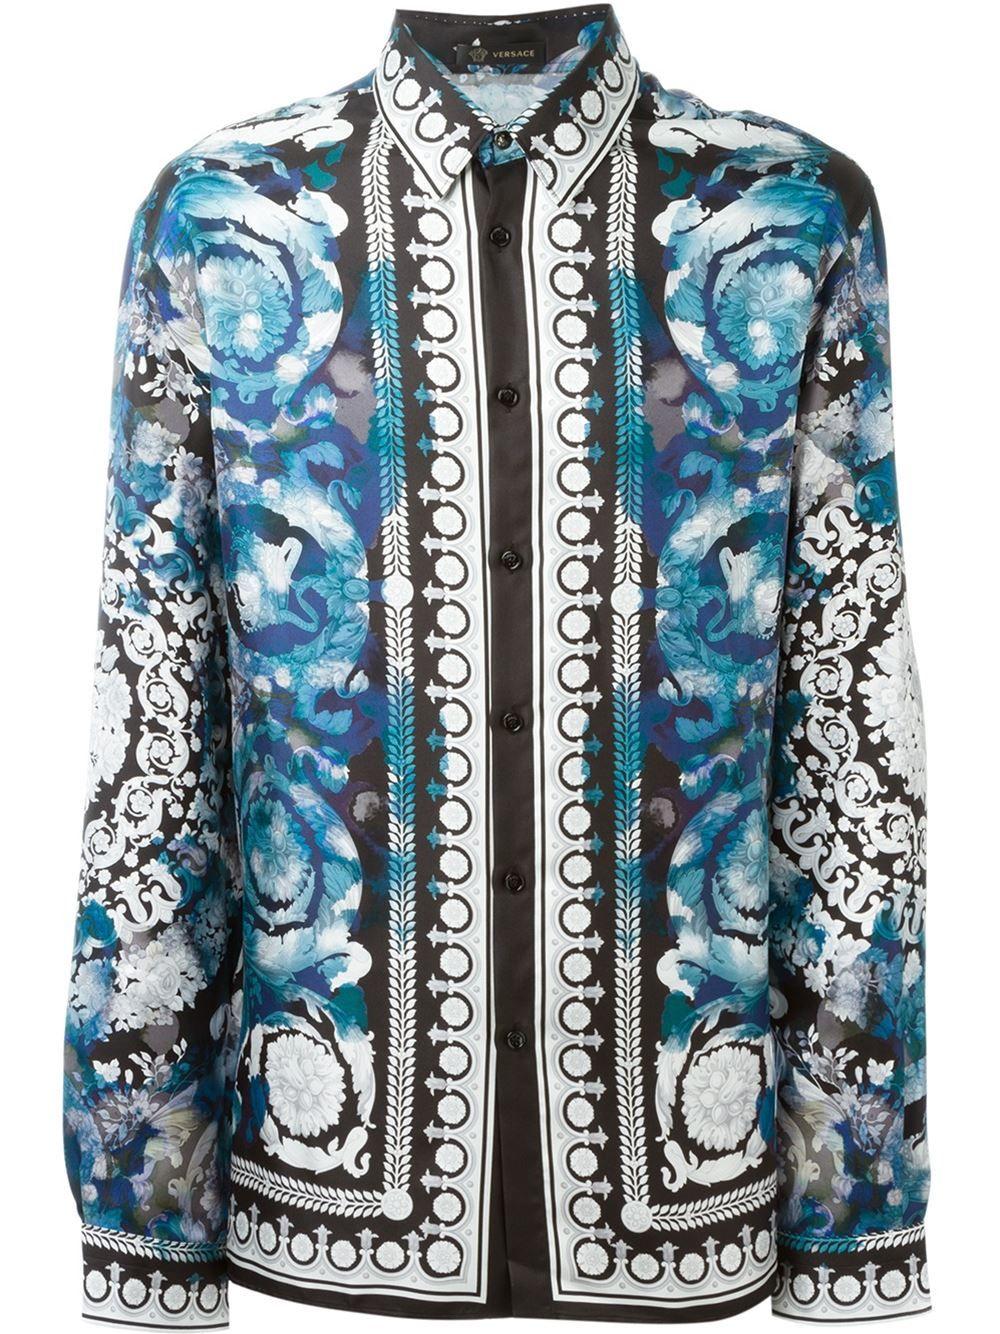 http   www.farfetch.com au shopping men item11257399.aspx   All ... 64723bc689f